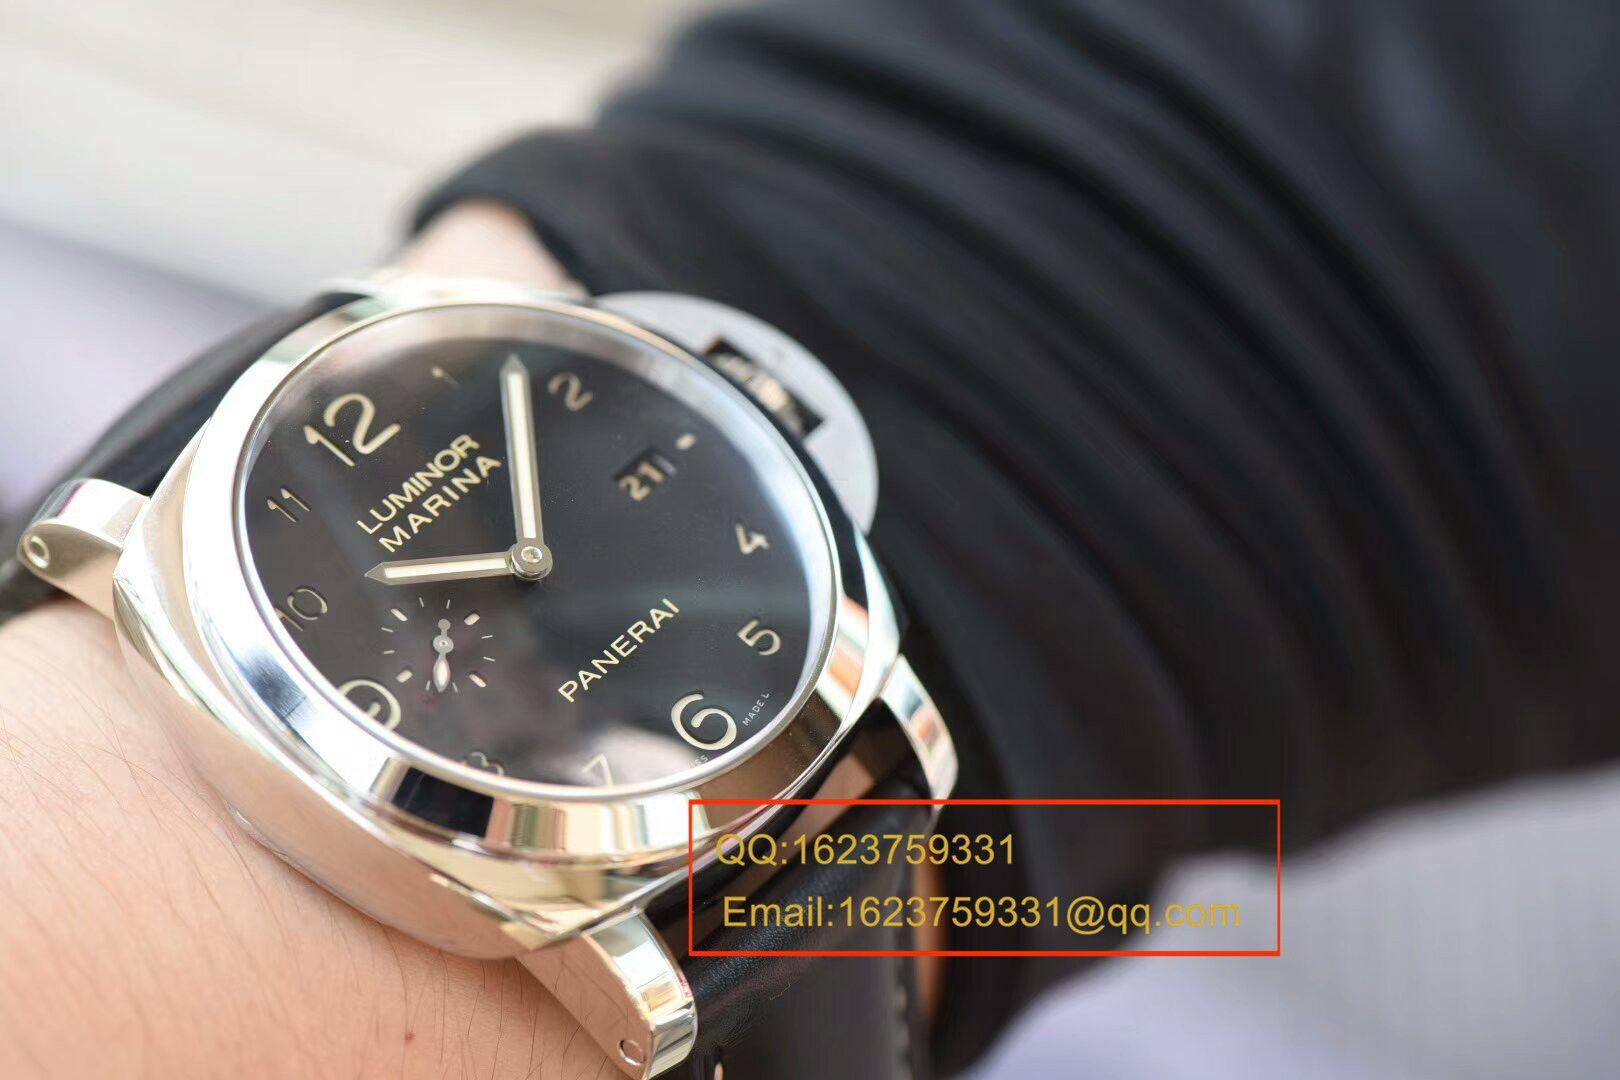 视频评测沛纳海LUMINOR 1950系列PAM 00359腕表一比一高仿手表【VS沛纳海359 V2 版 同步正品机芯功能!】 / VSPAM00359MM